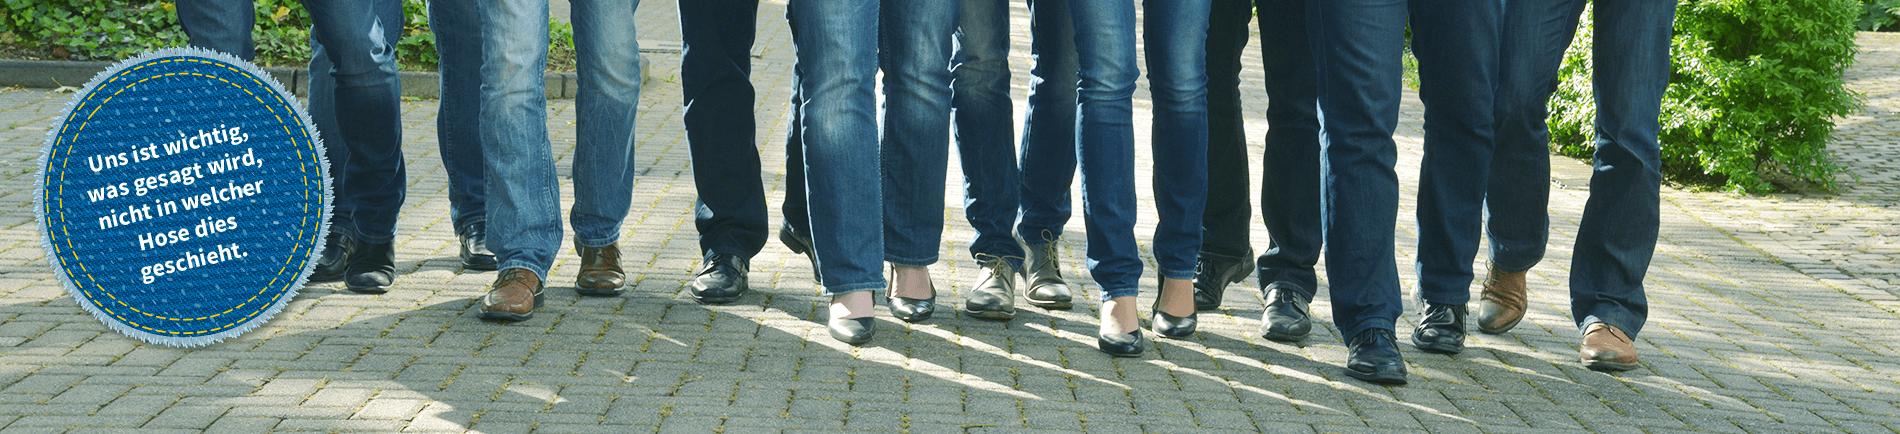 Die PMPG Steuerberatung und Rechtsberatung mit Jeansfaktor